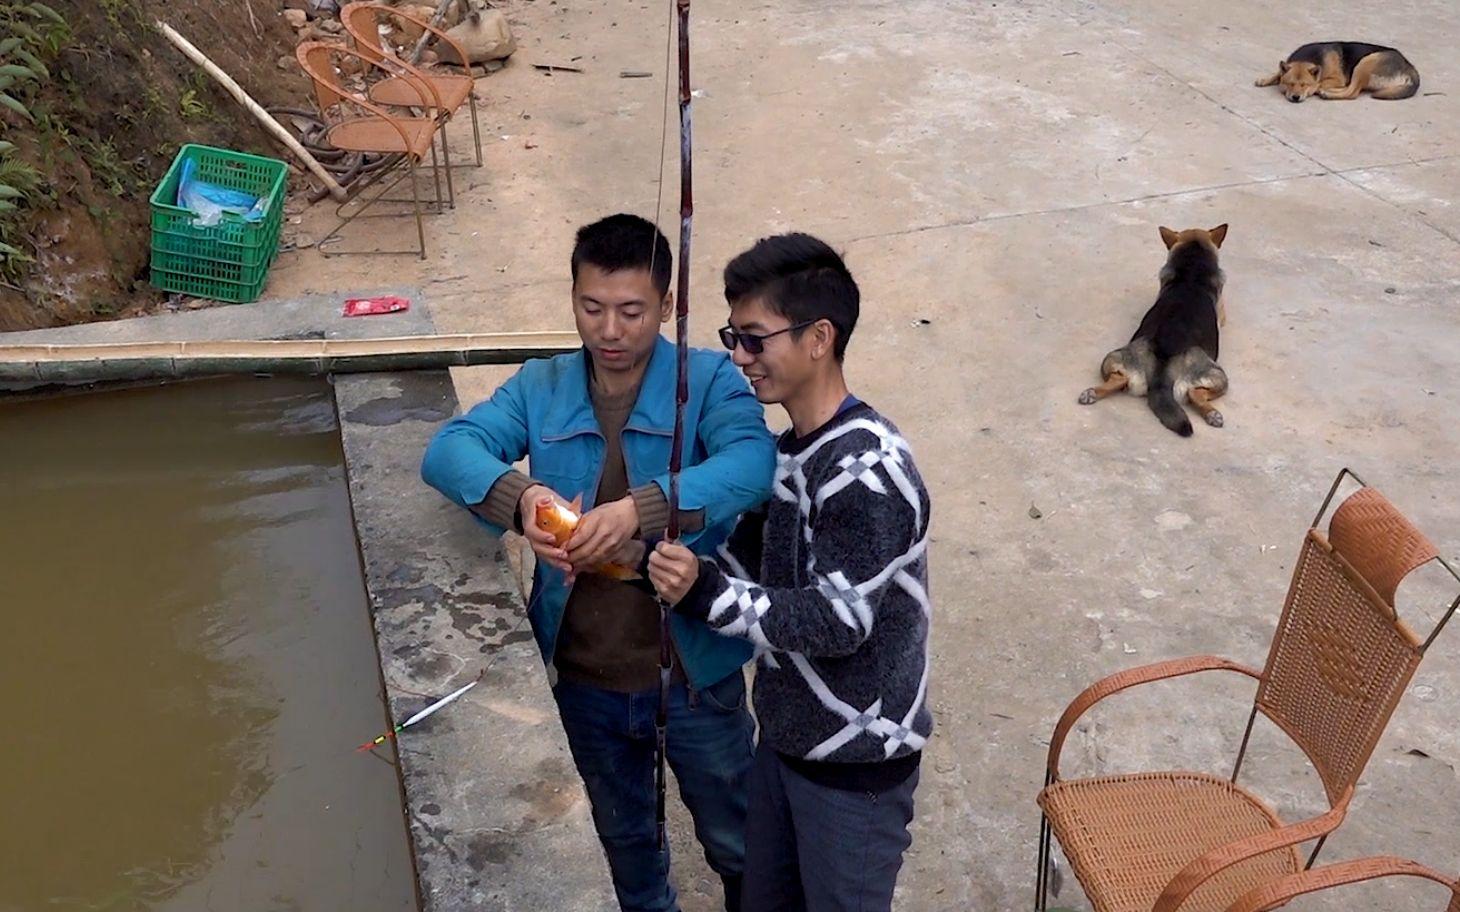 華農兄弟:場里的魚長肥了,釣條來吃,順便給老弟做點米酒